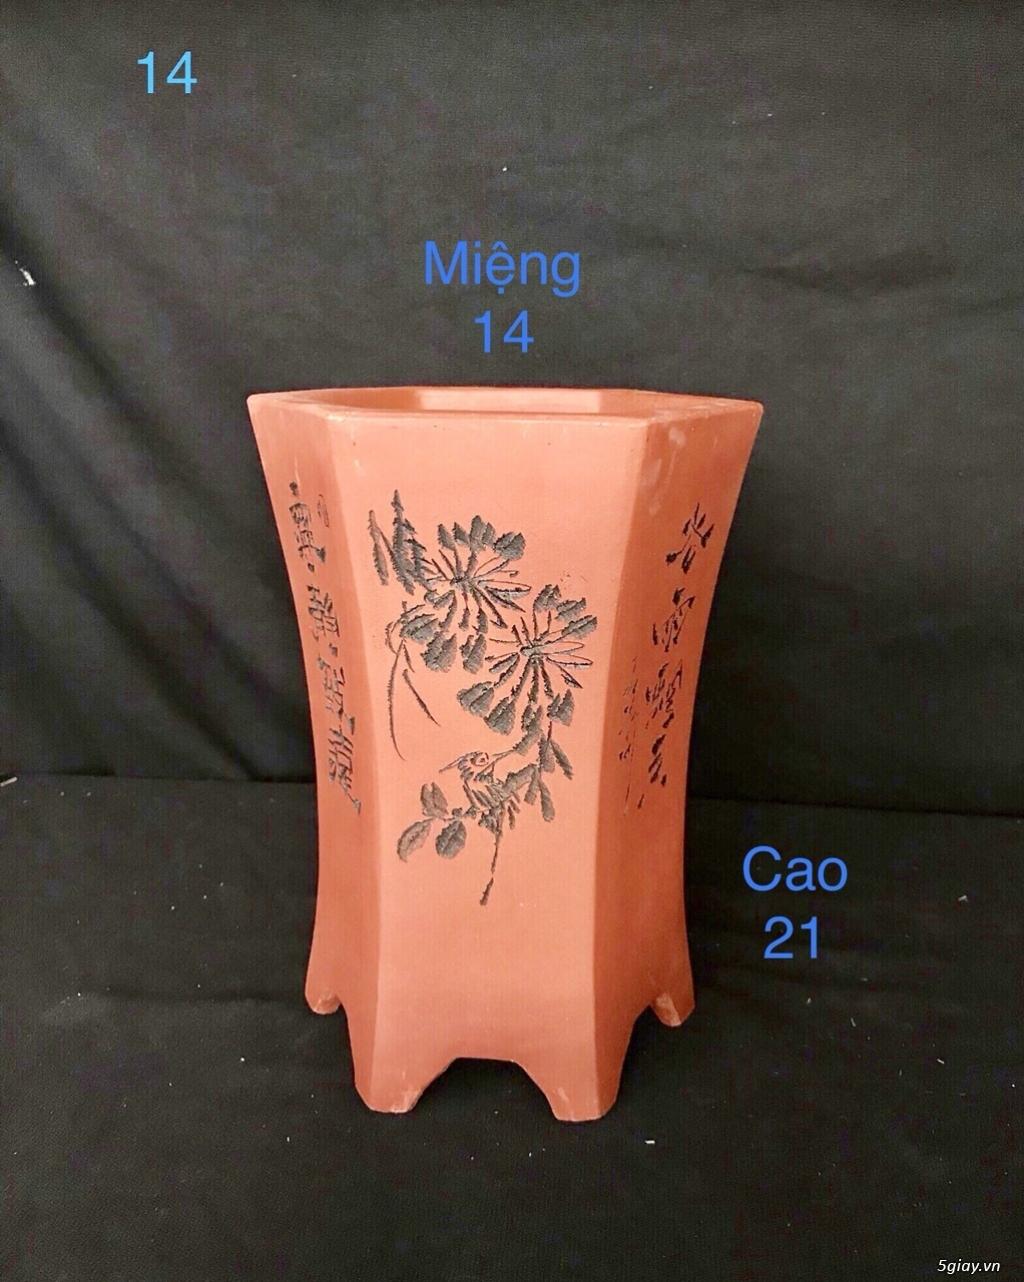 Chậu cây bonsai nhập khẩu, đẹp, có giá sỉ và lẻ cho a/e, 0962118575 - 11